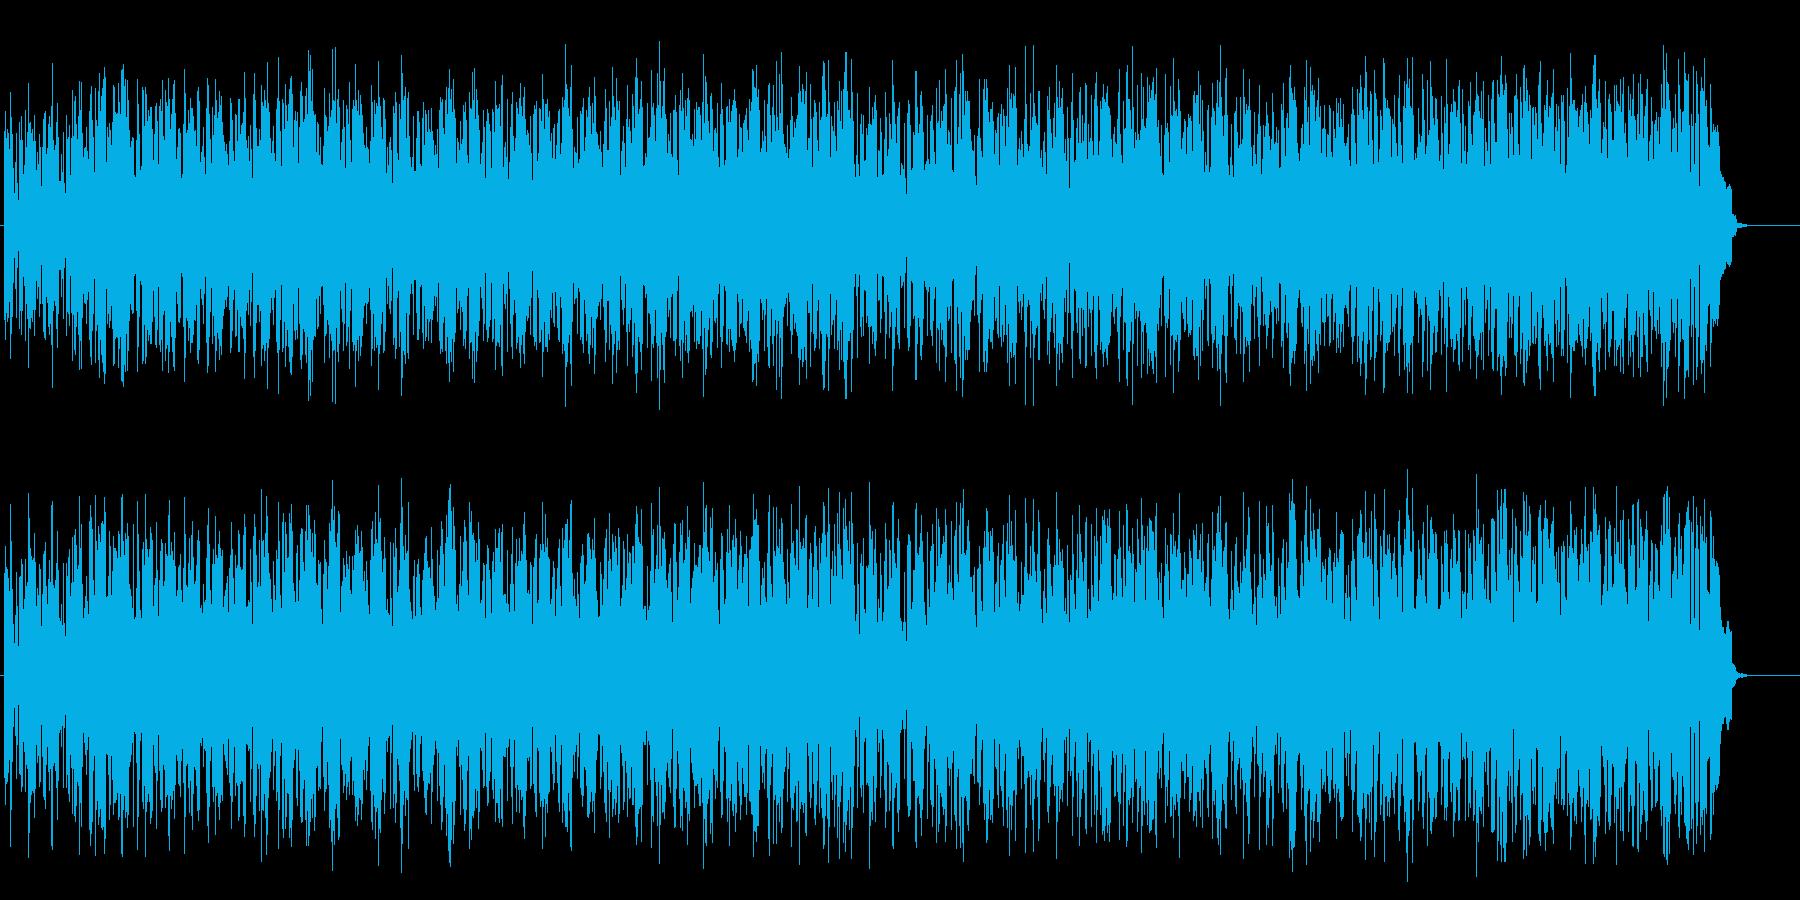 クールな感じのトレンディ・ポップス風の再生済みの波形